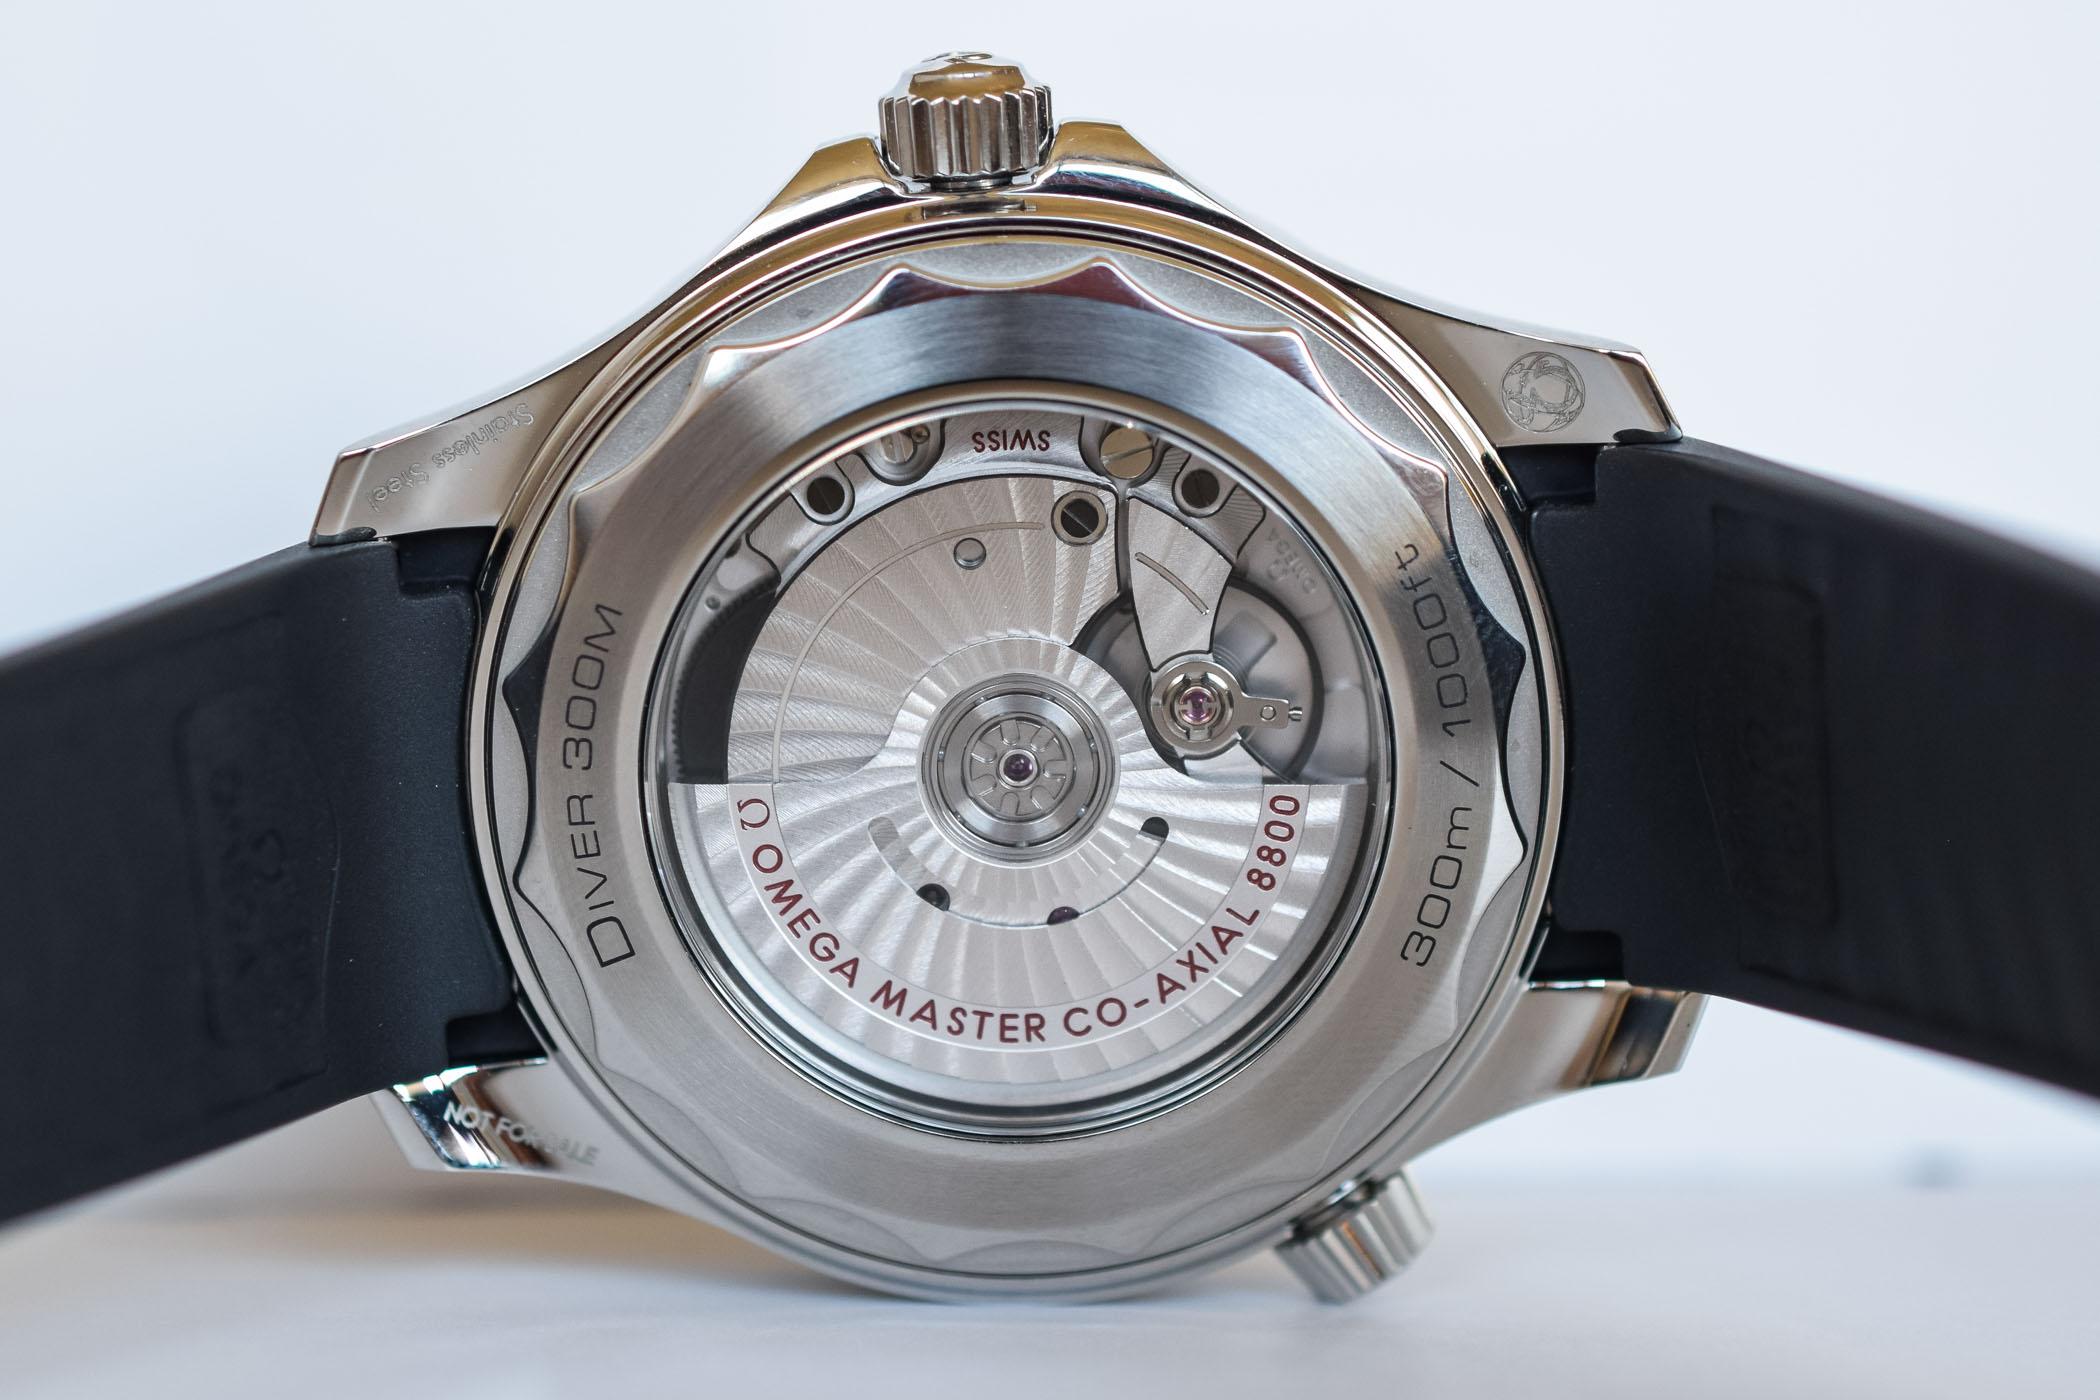 Omega Seamaster Diver 300M Master Chronometer White Dial - 210.32.42.20.04.001